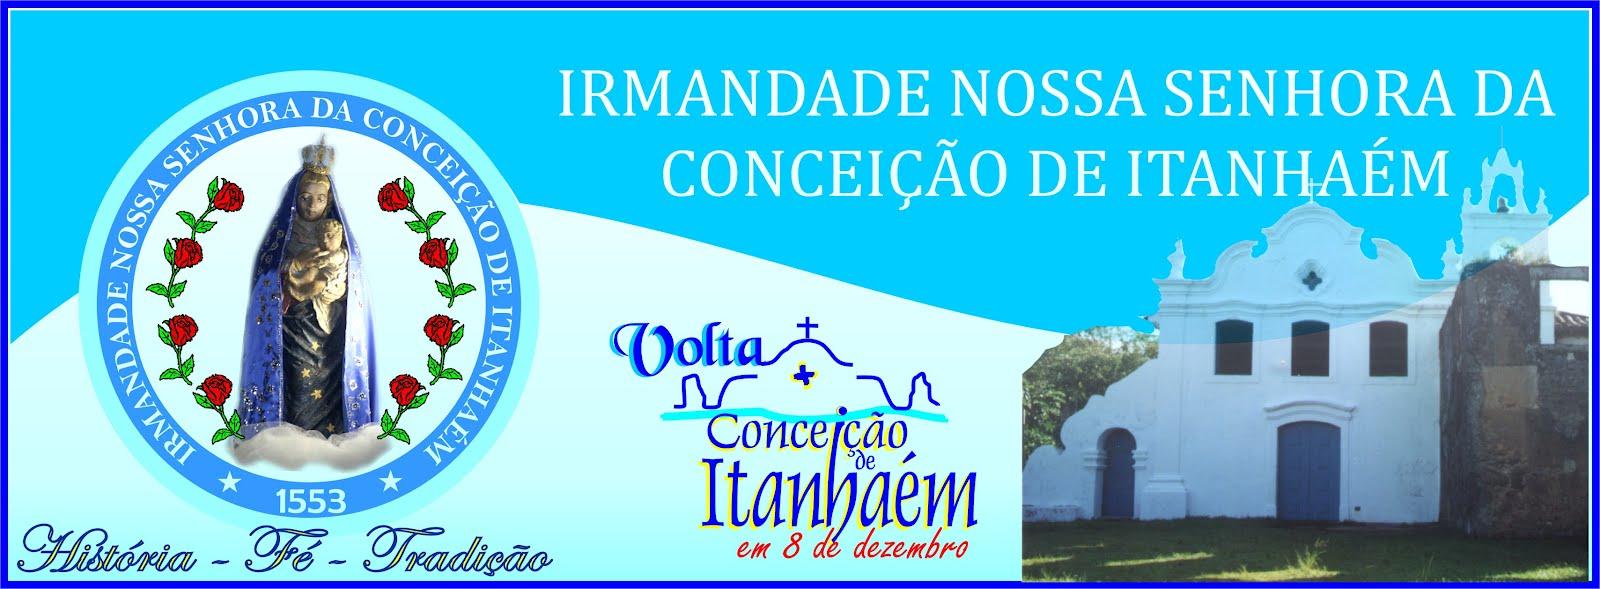 Irmandade Nossa Senhora da Conceição de Itanhaém